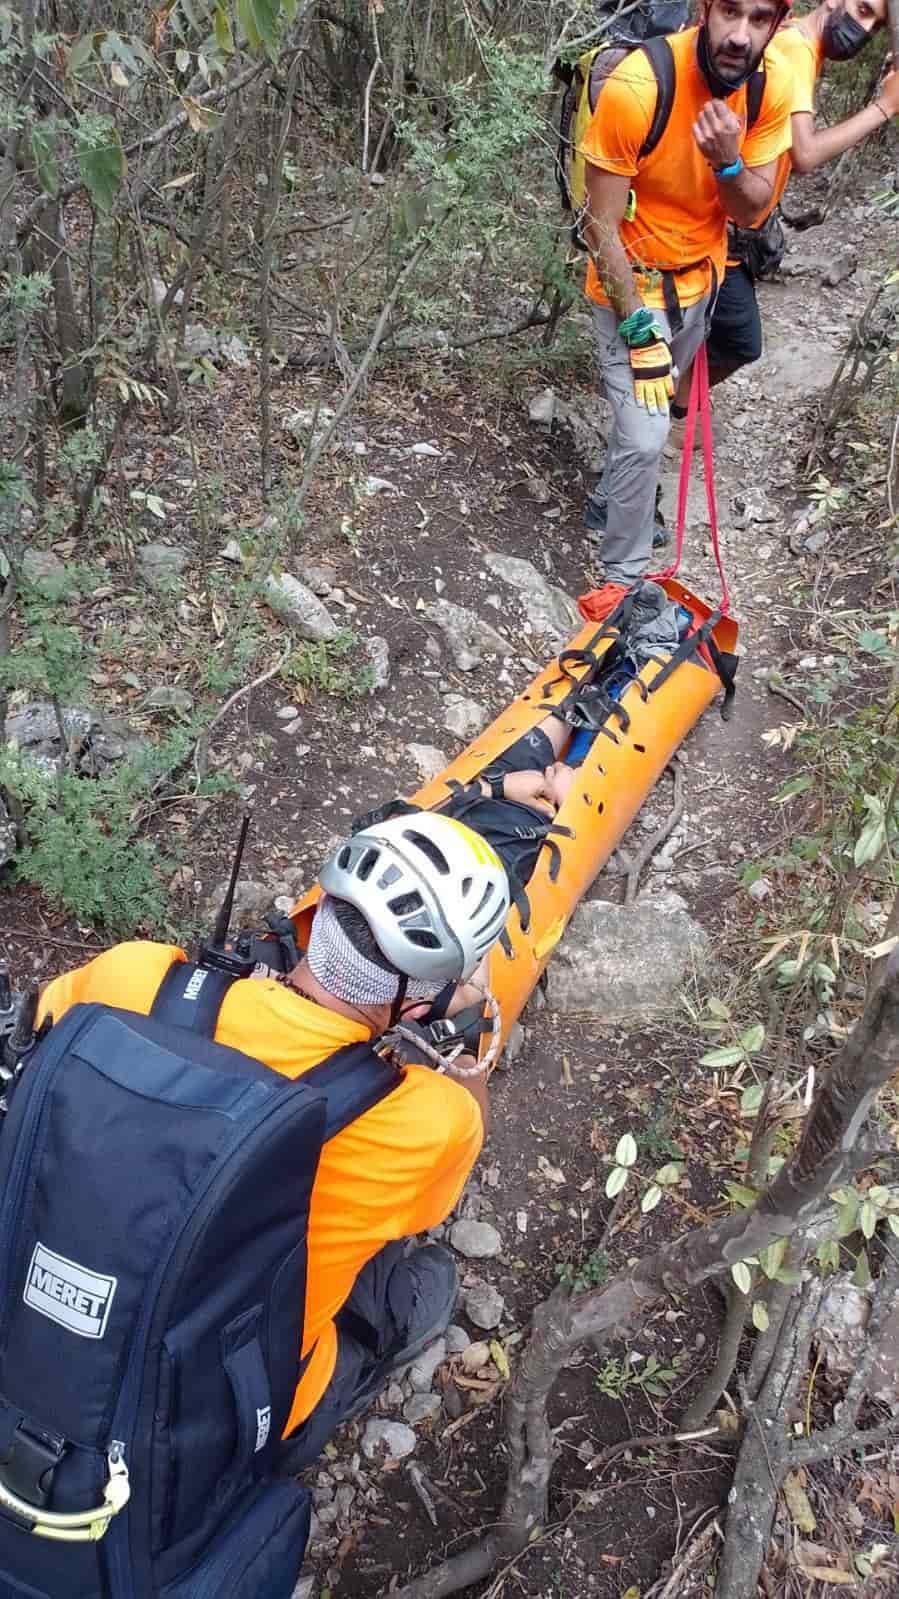 La excursionista sufrió una fractura expuesta en una pierna luego de tener una caída